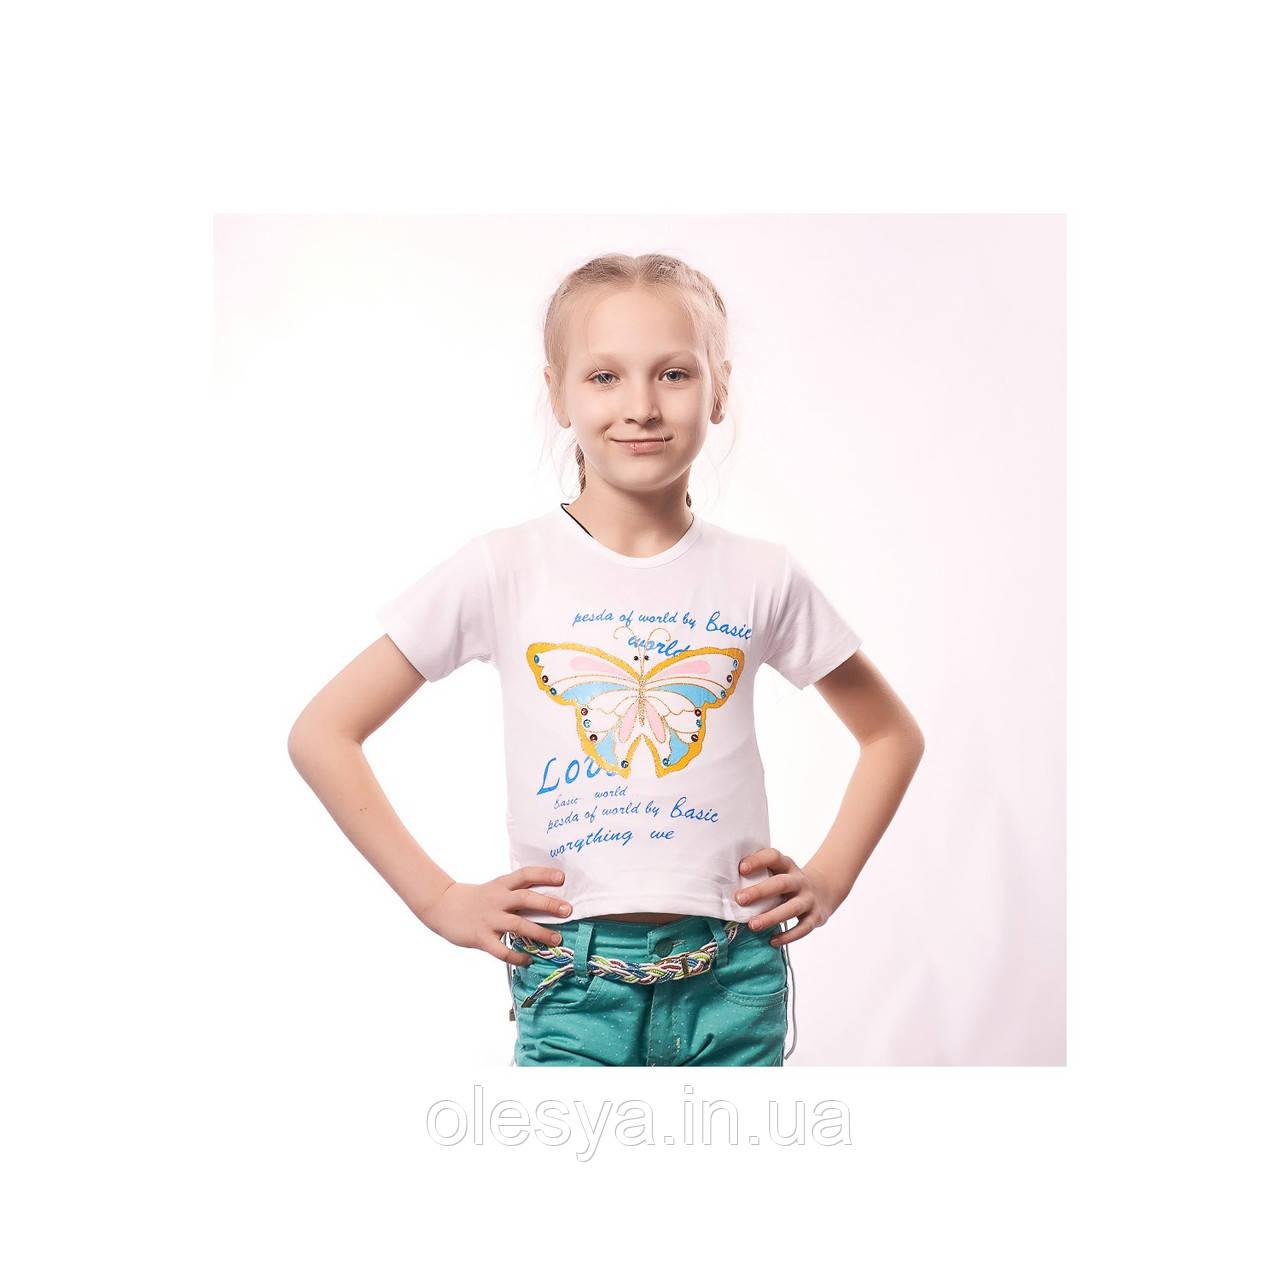 Детская футболка на девочку Бабочки Турция Размеры 104- 116